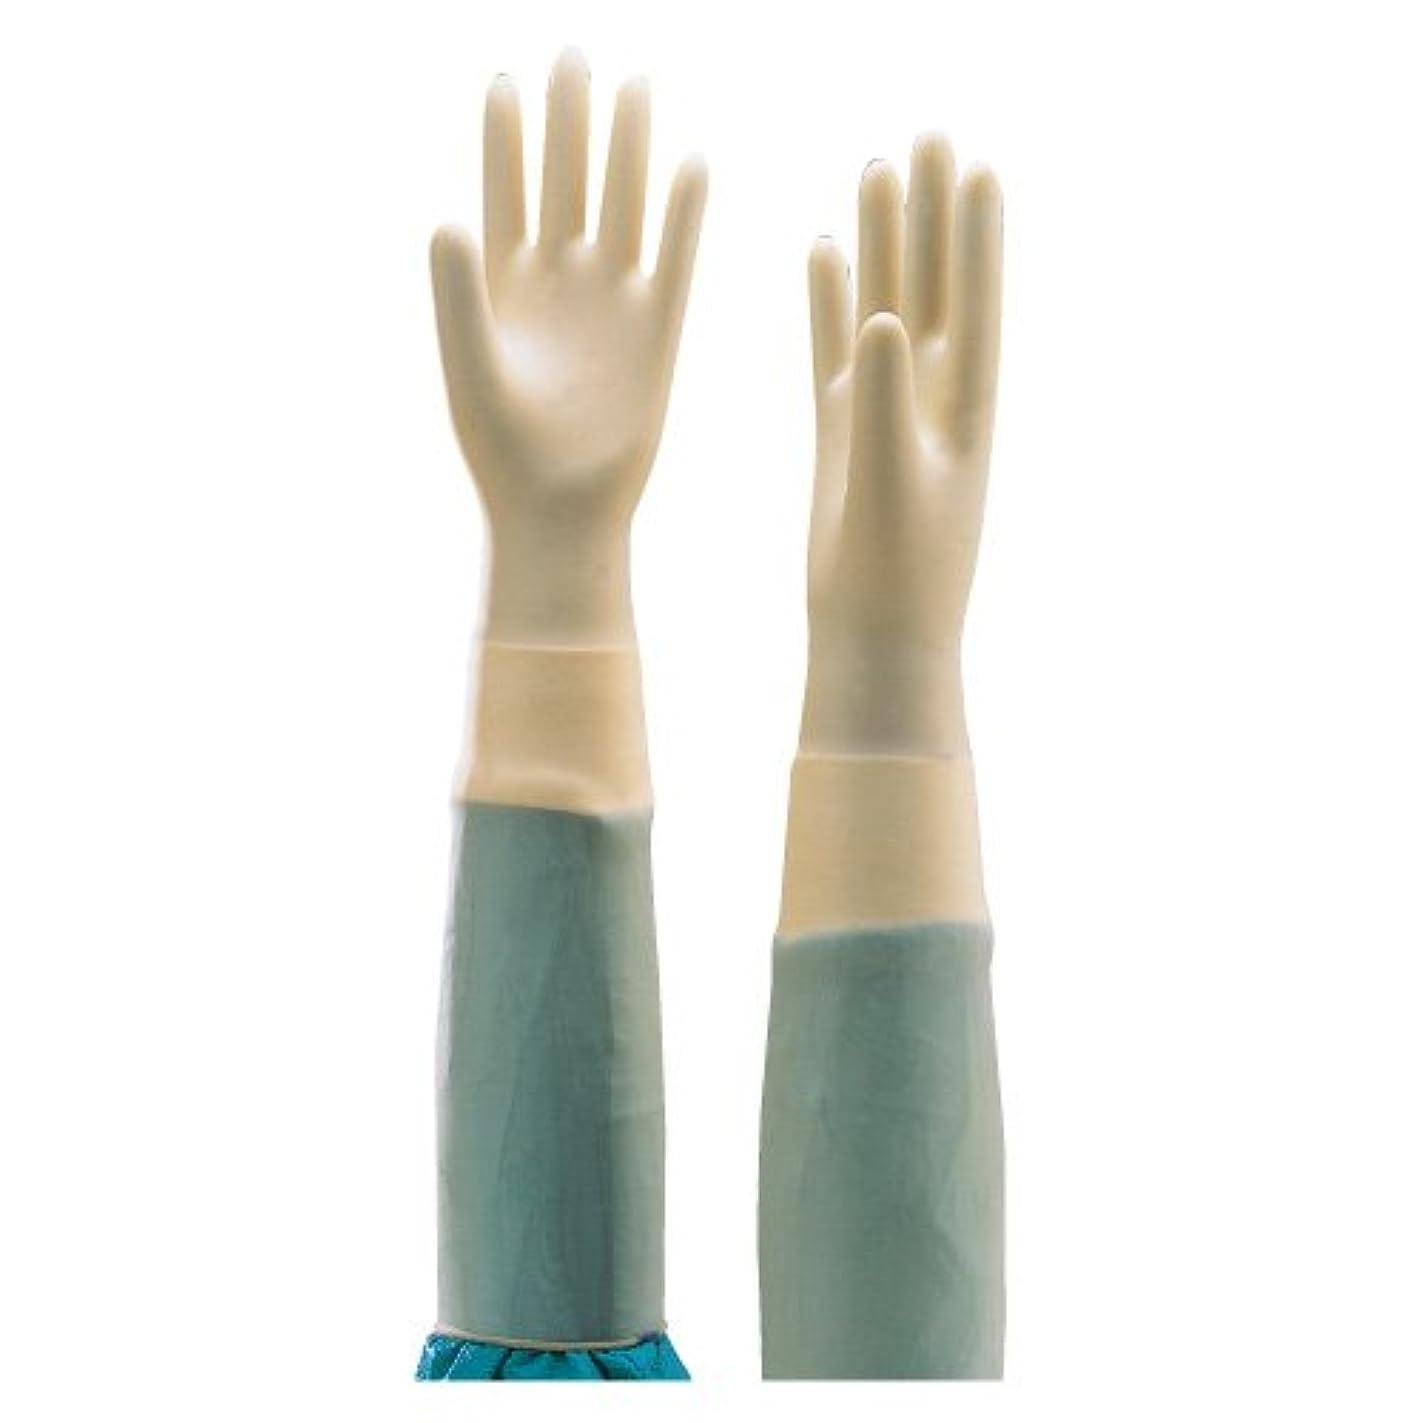 キャベツ彫刻家順番サンコーロング(滅菌済) 5ソウイリ S